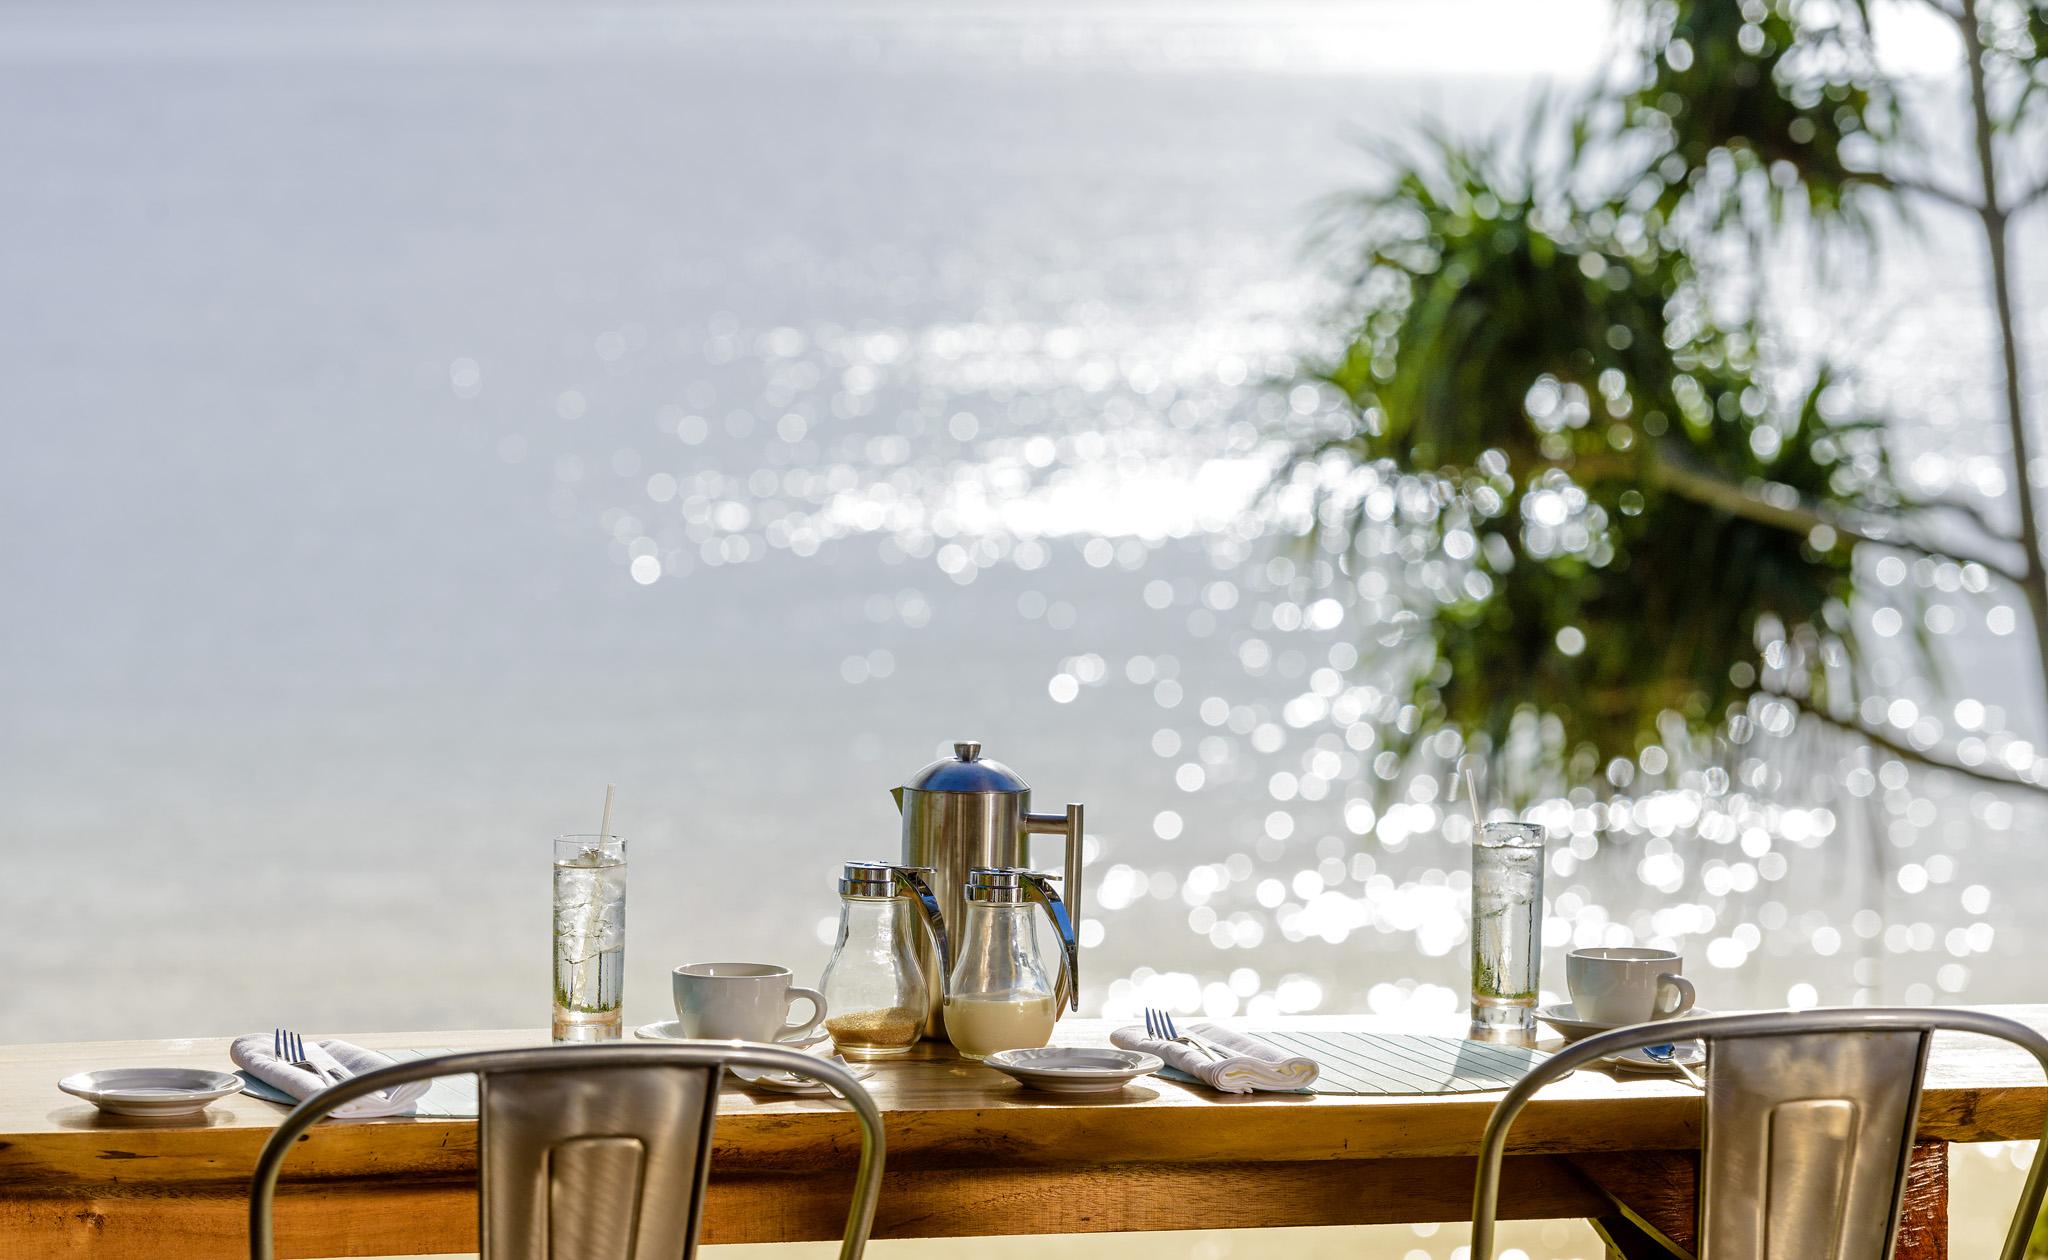 Dining at The Remote Resort Fiji Islands Breakfast 2.jpg